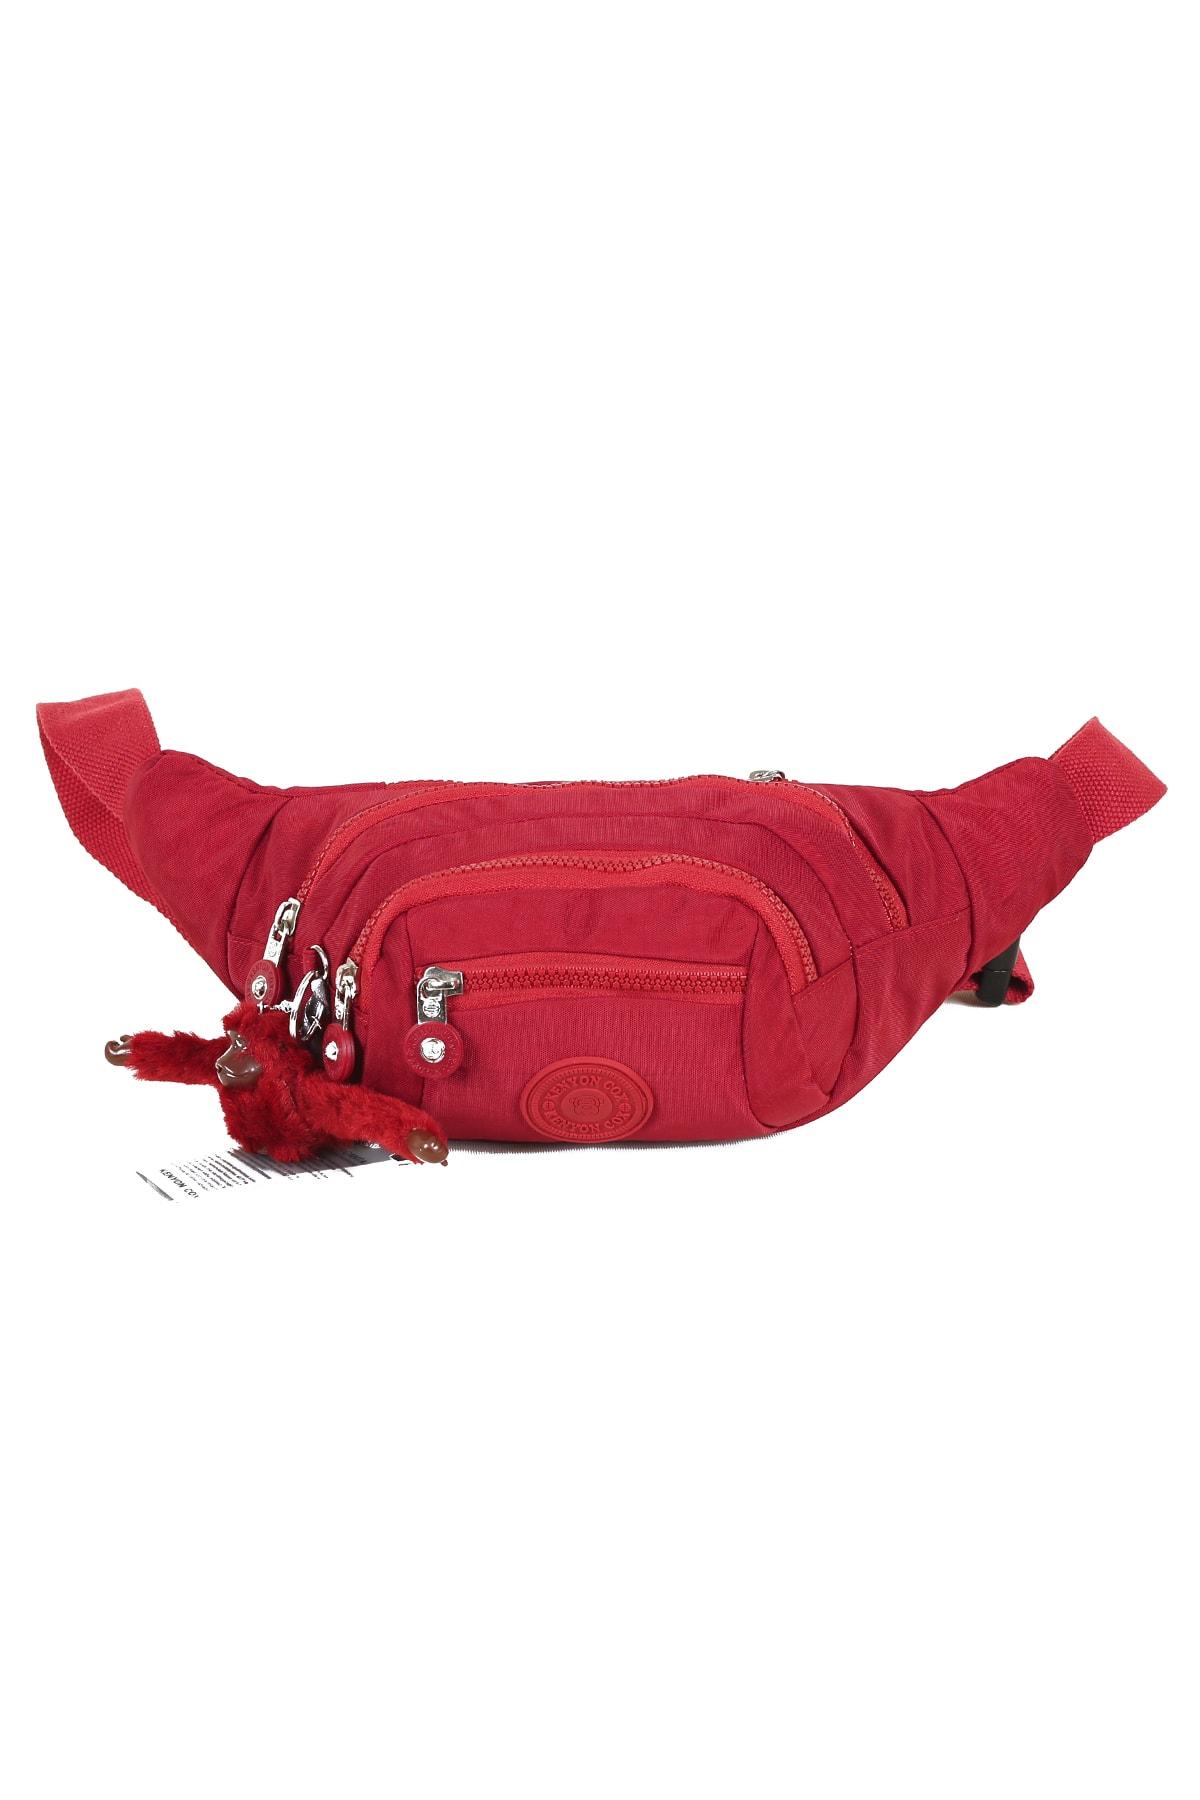 فروش کیف کمری مردانه اصل و جدید برند Kenyon Cox رنگ زرشکی ty75844323